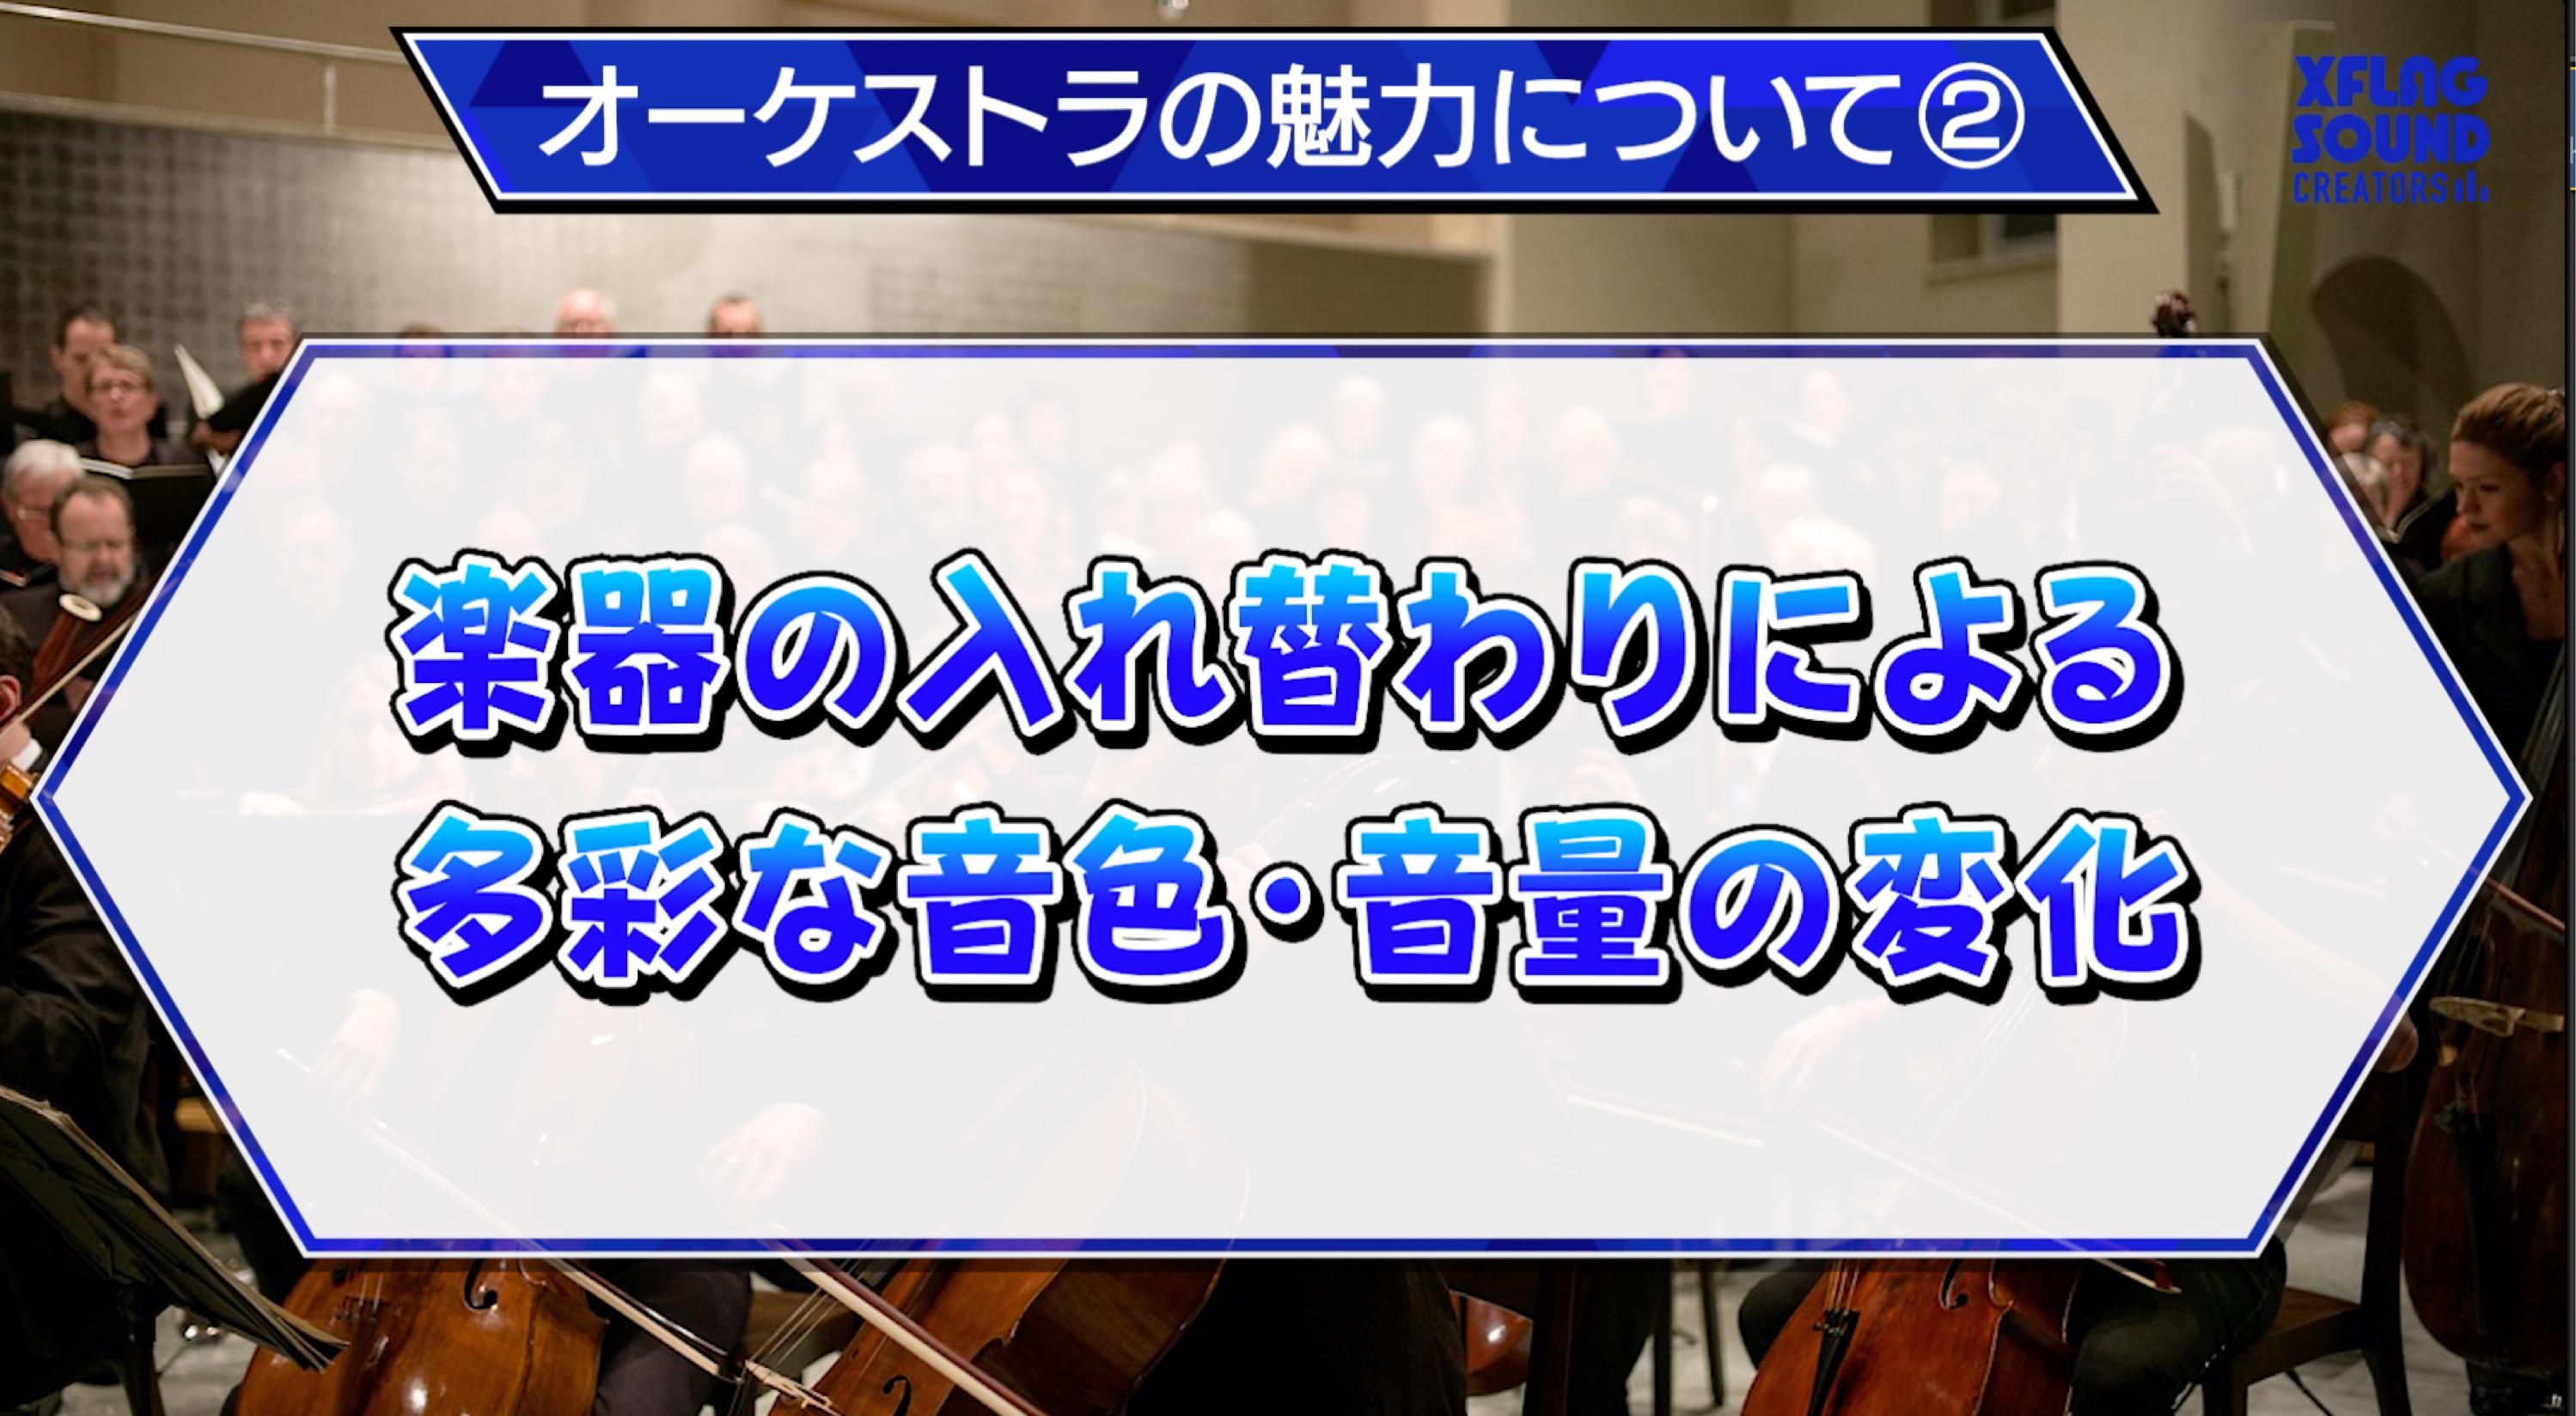 オーケストラの魅力2